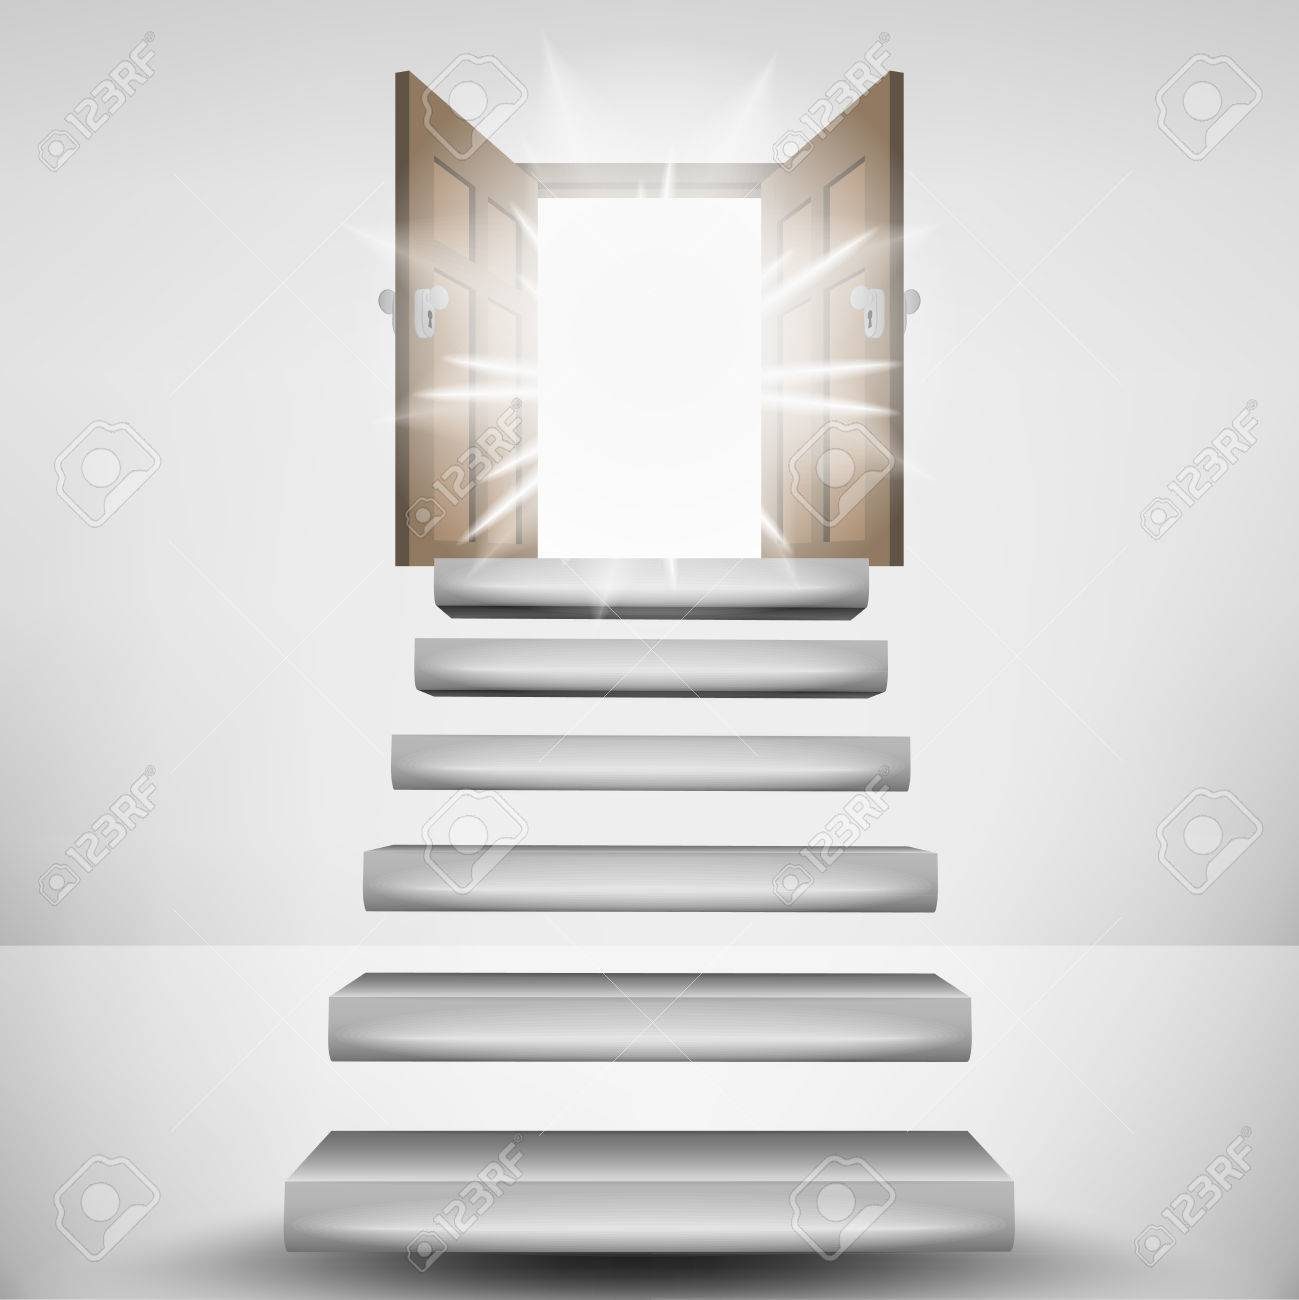 Genial Schwebende Treppe Beste Wahl Zum Himmel Tür Flare Vektor-tration Standard-bild -